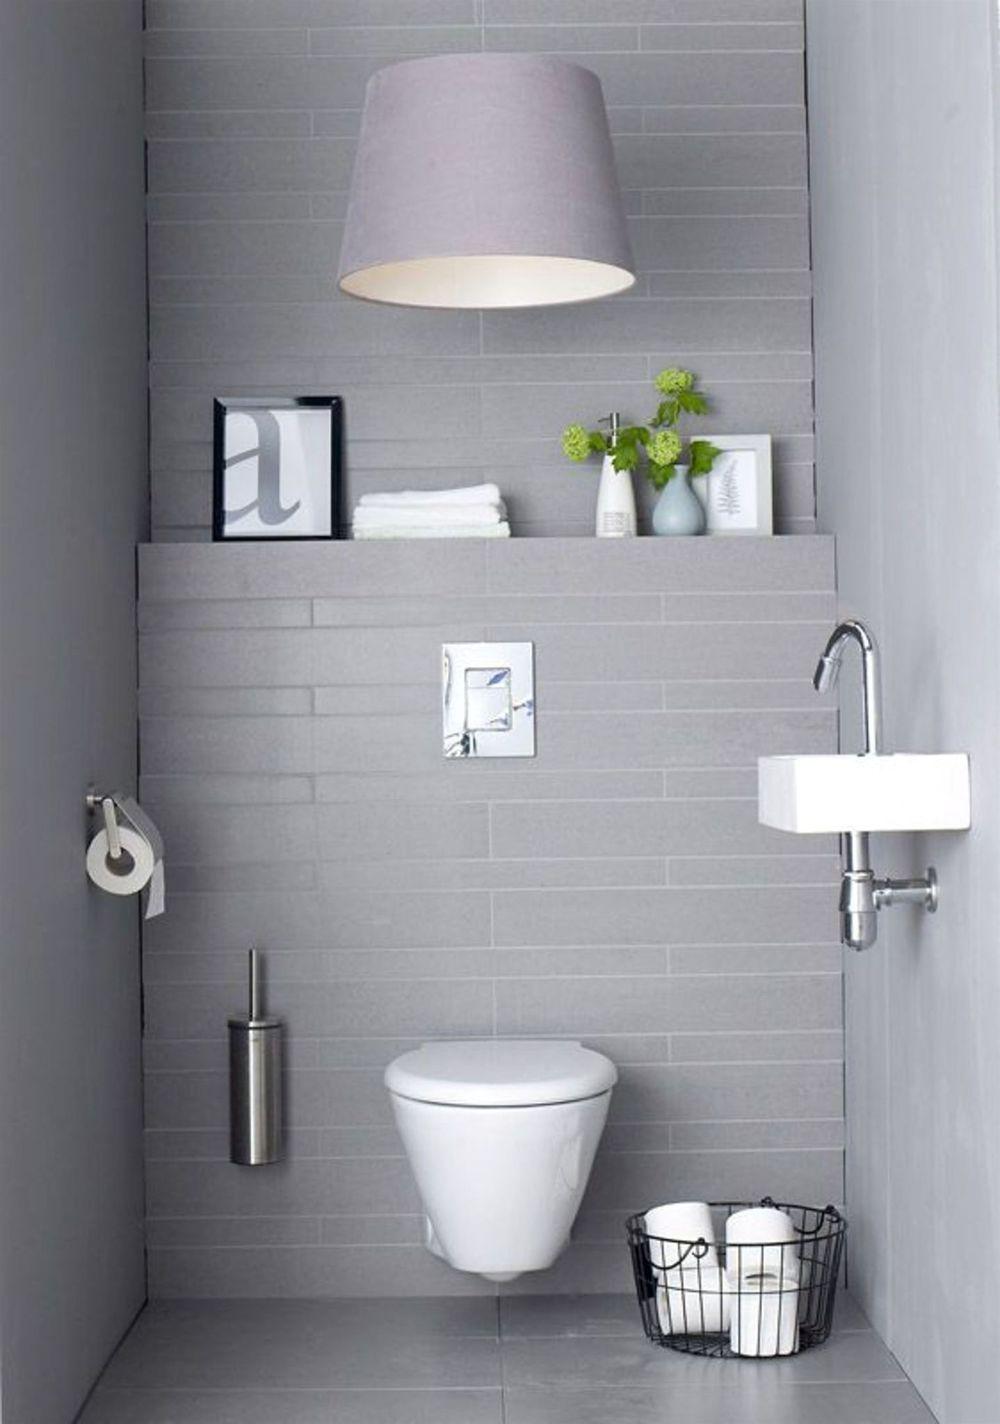 d co toilettes originales inspiration d co par c t. Black Bedroom Furniture Sets. Home Design Ideas